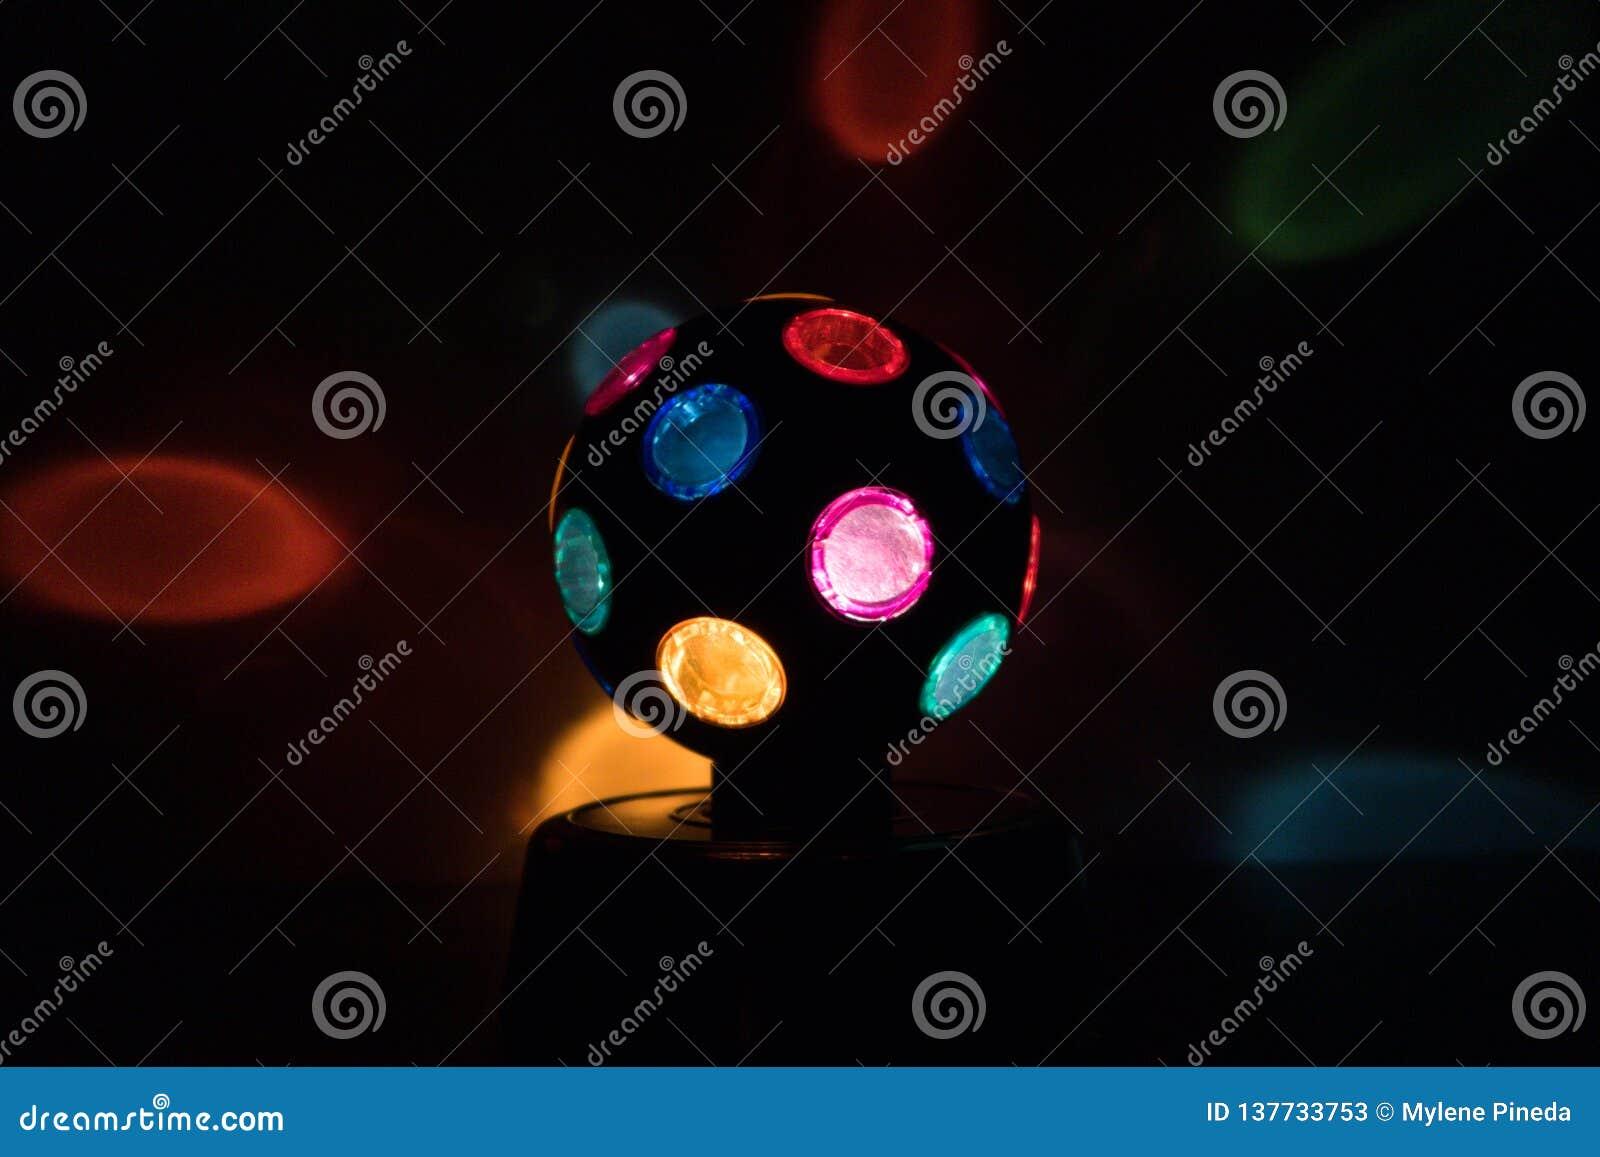 Mångfärgad Disko-boll lampa i en svart backgound